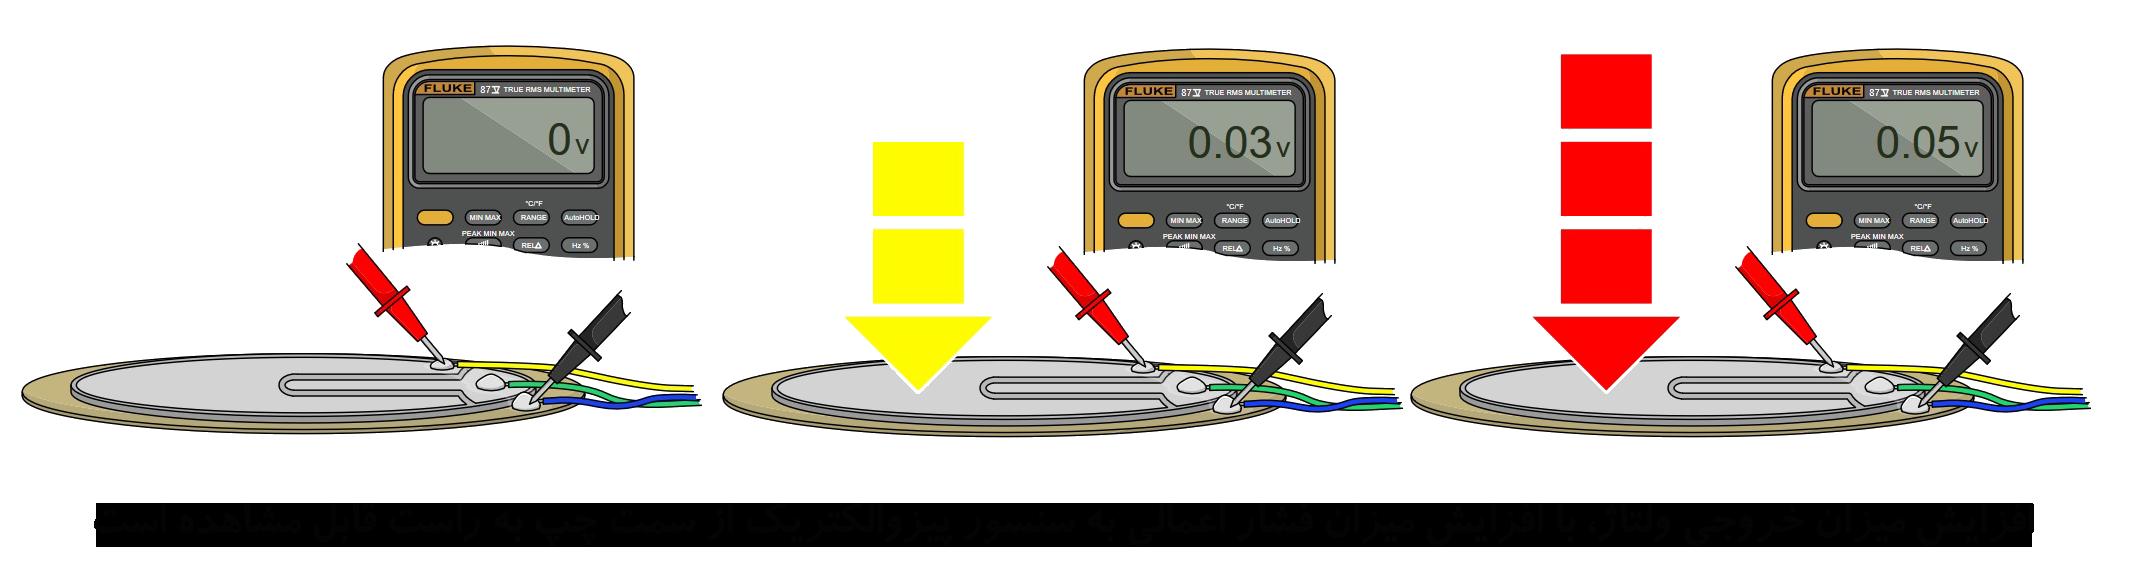 تغییرات خروجی سنسور پیزوالکتریک نسبت به تغییر بار اعمالی